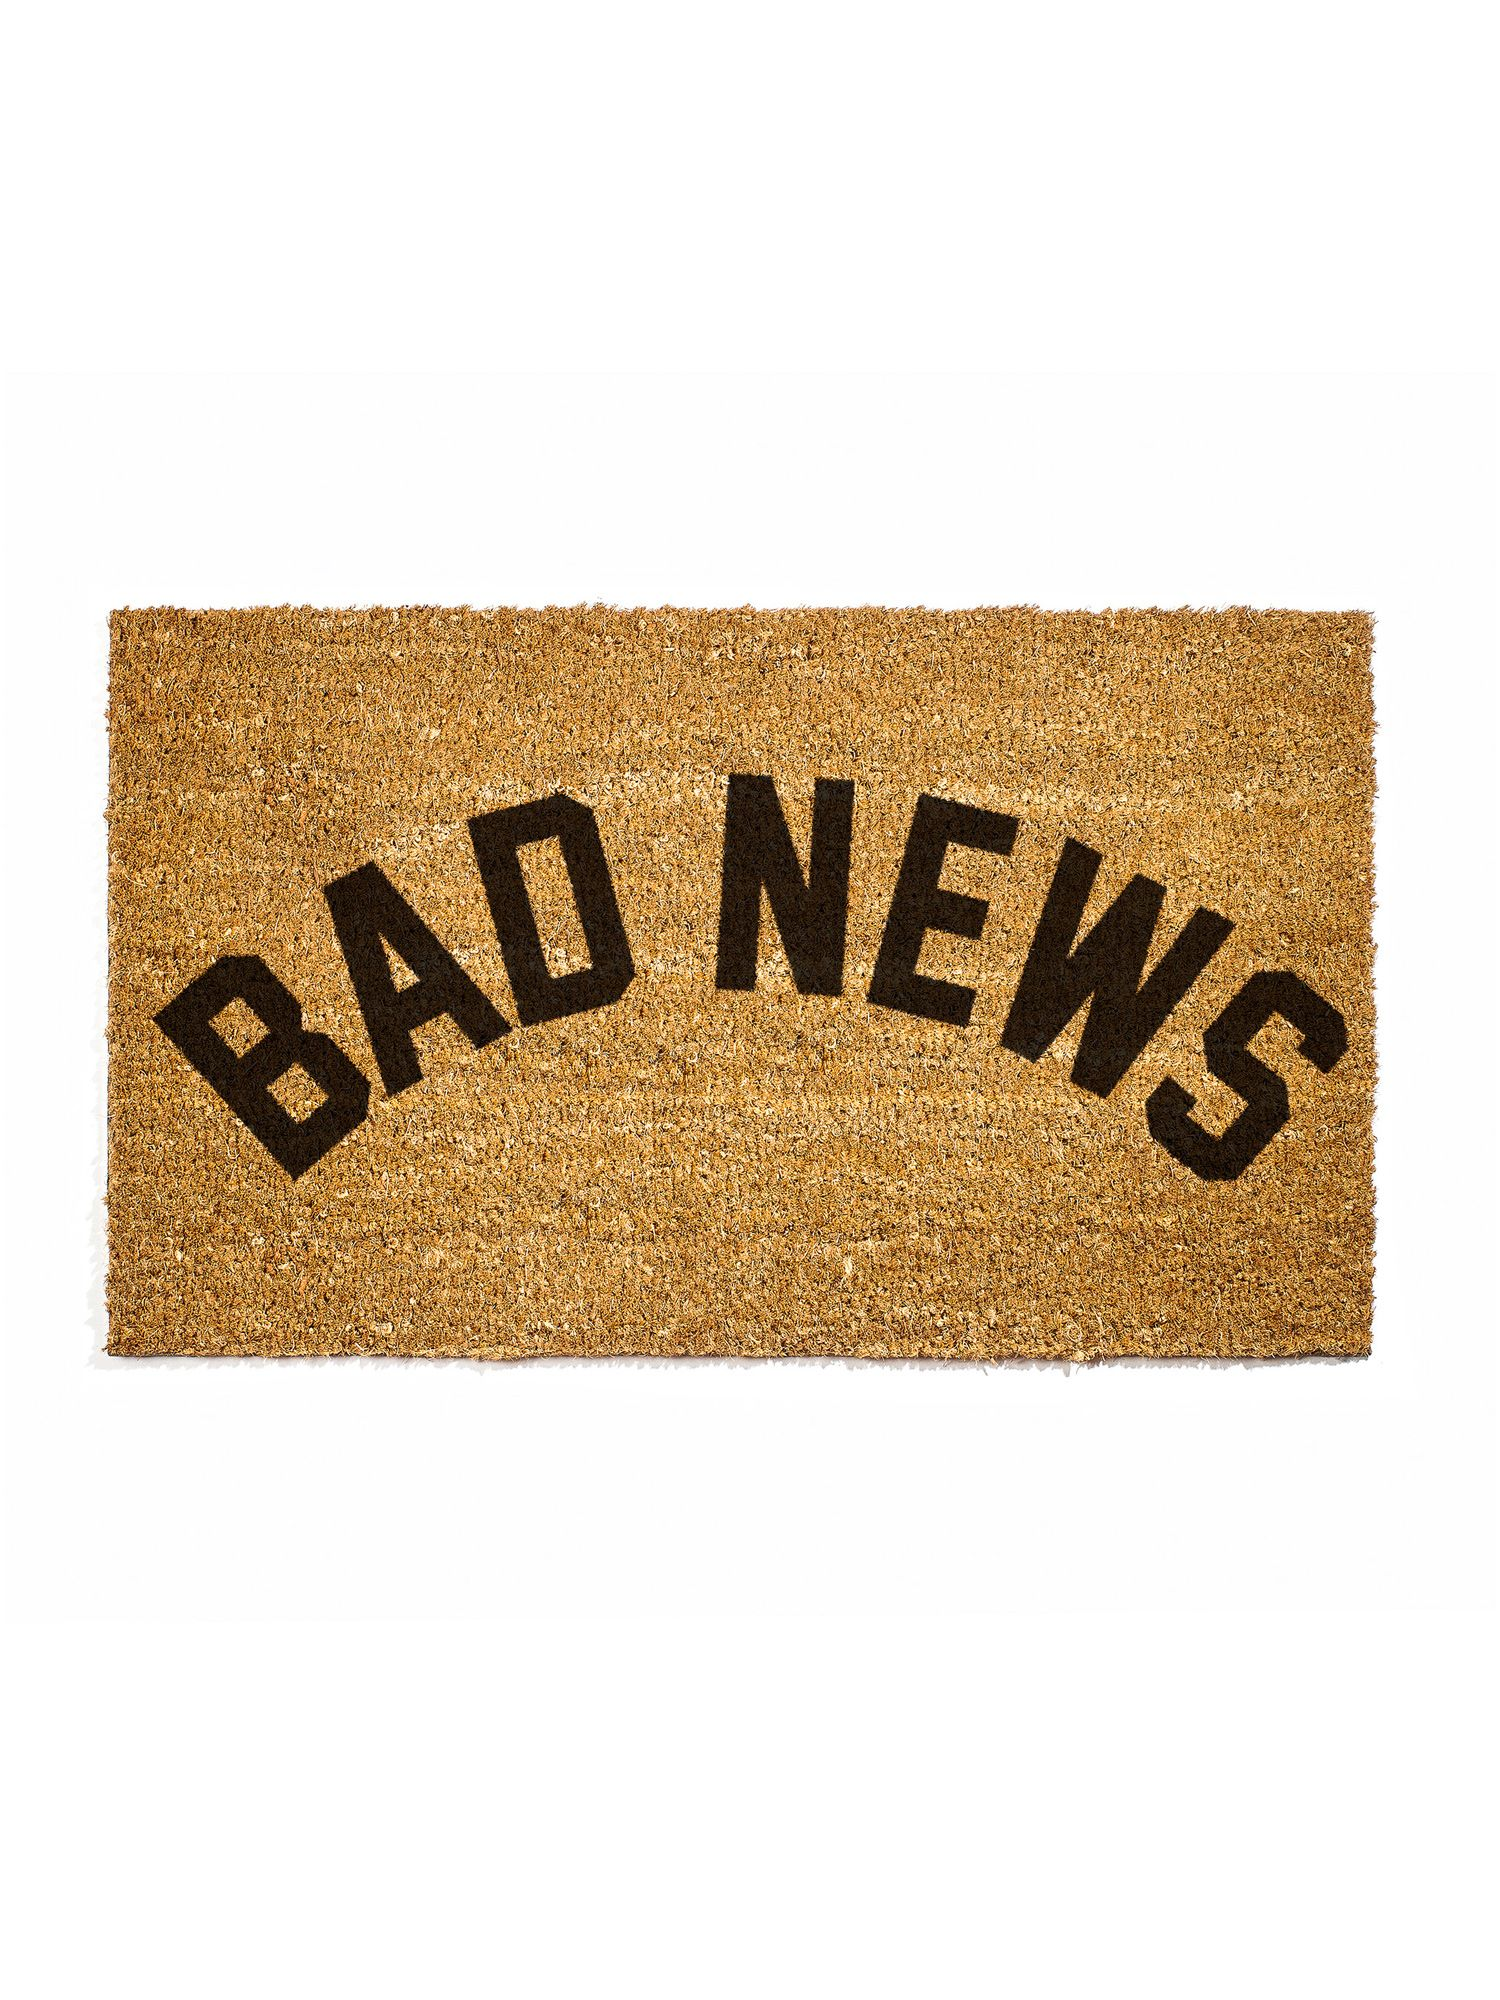 Grizzly. Bad News Doormat